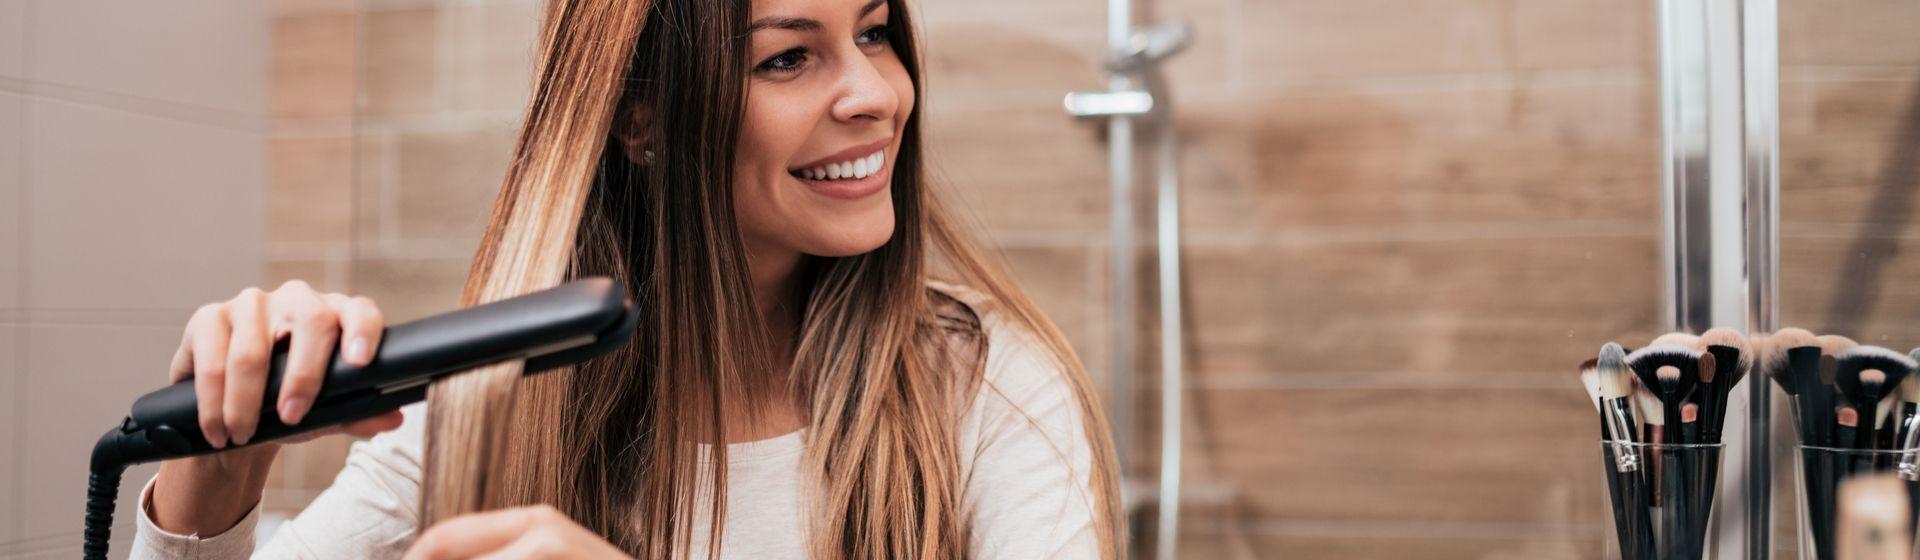 10 melhores pranchas de cabelo para comprar em 2021